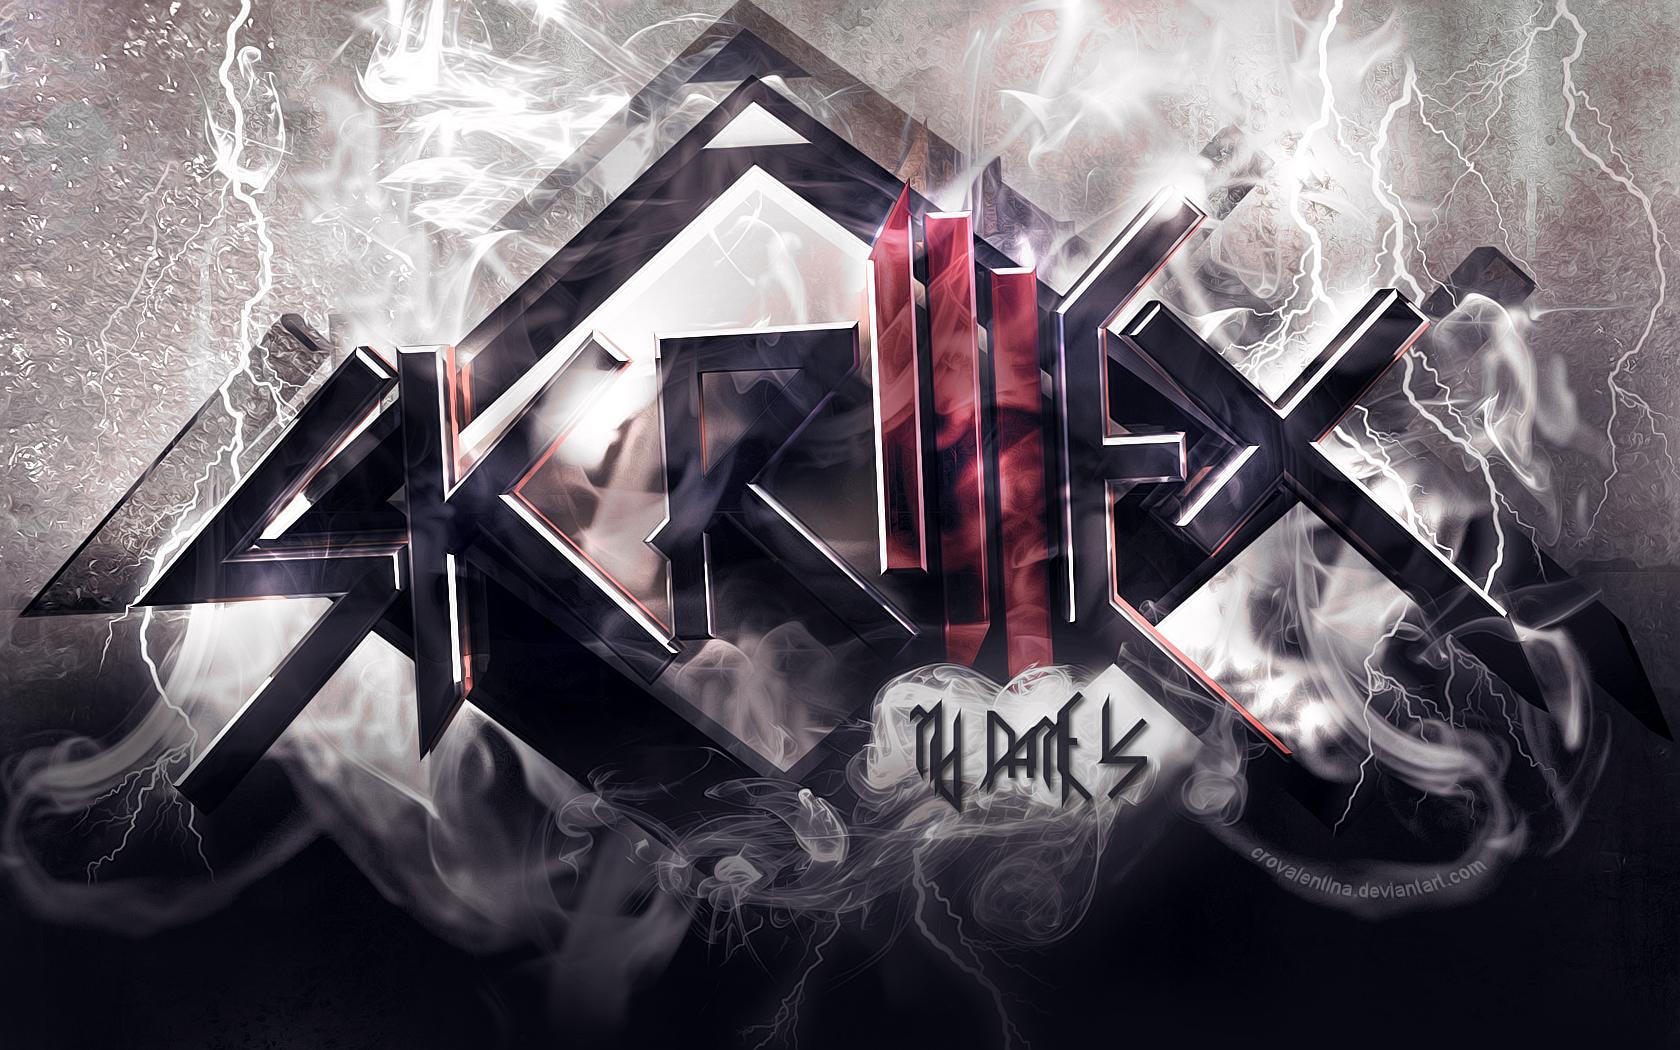 Skrillex My Name Is SKRILLEX 1680x1050